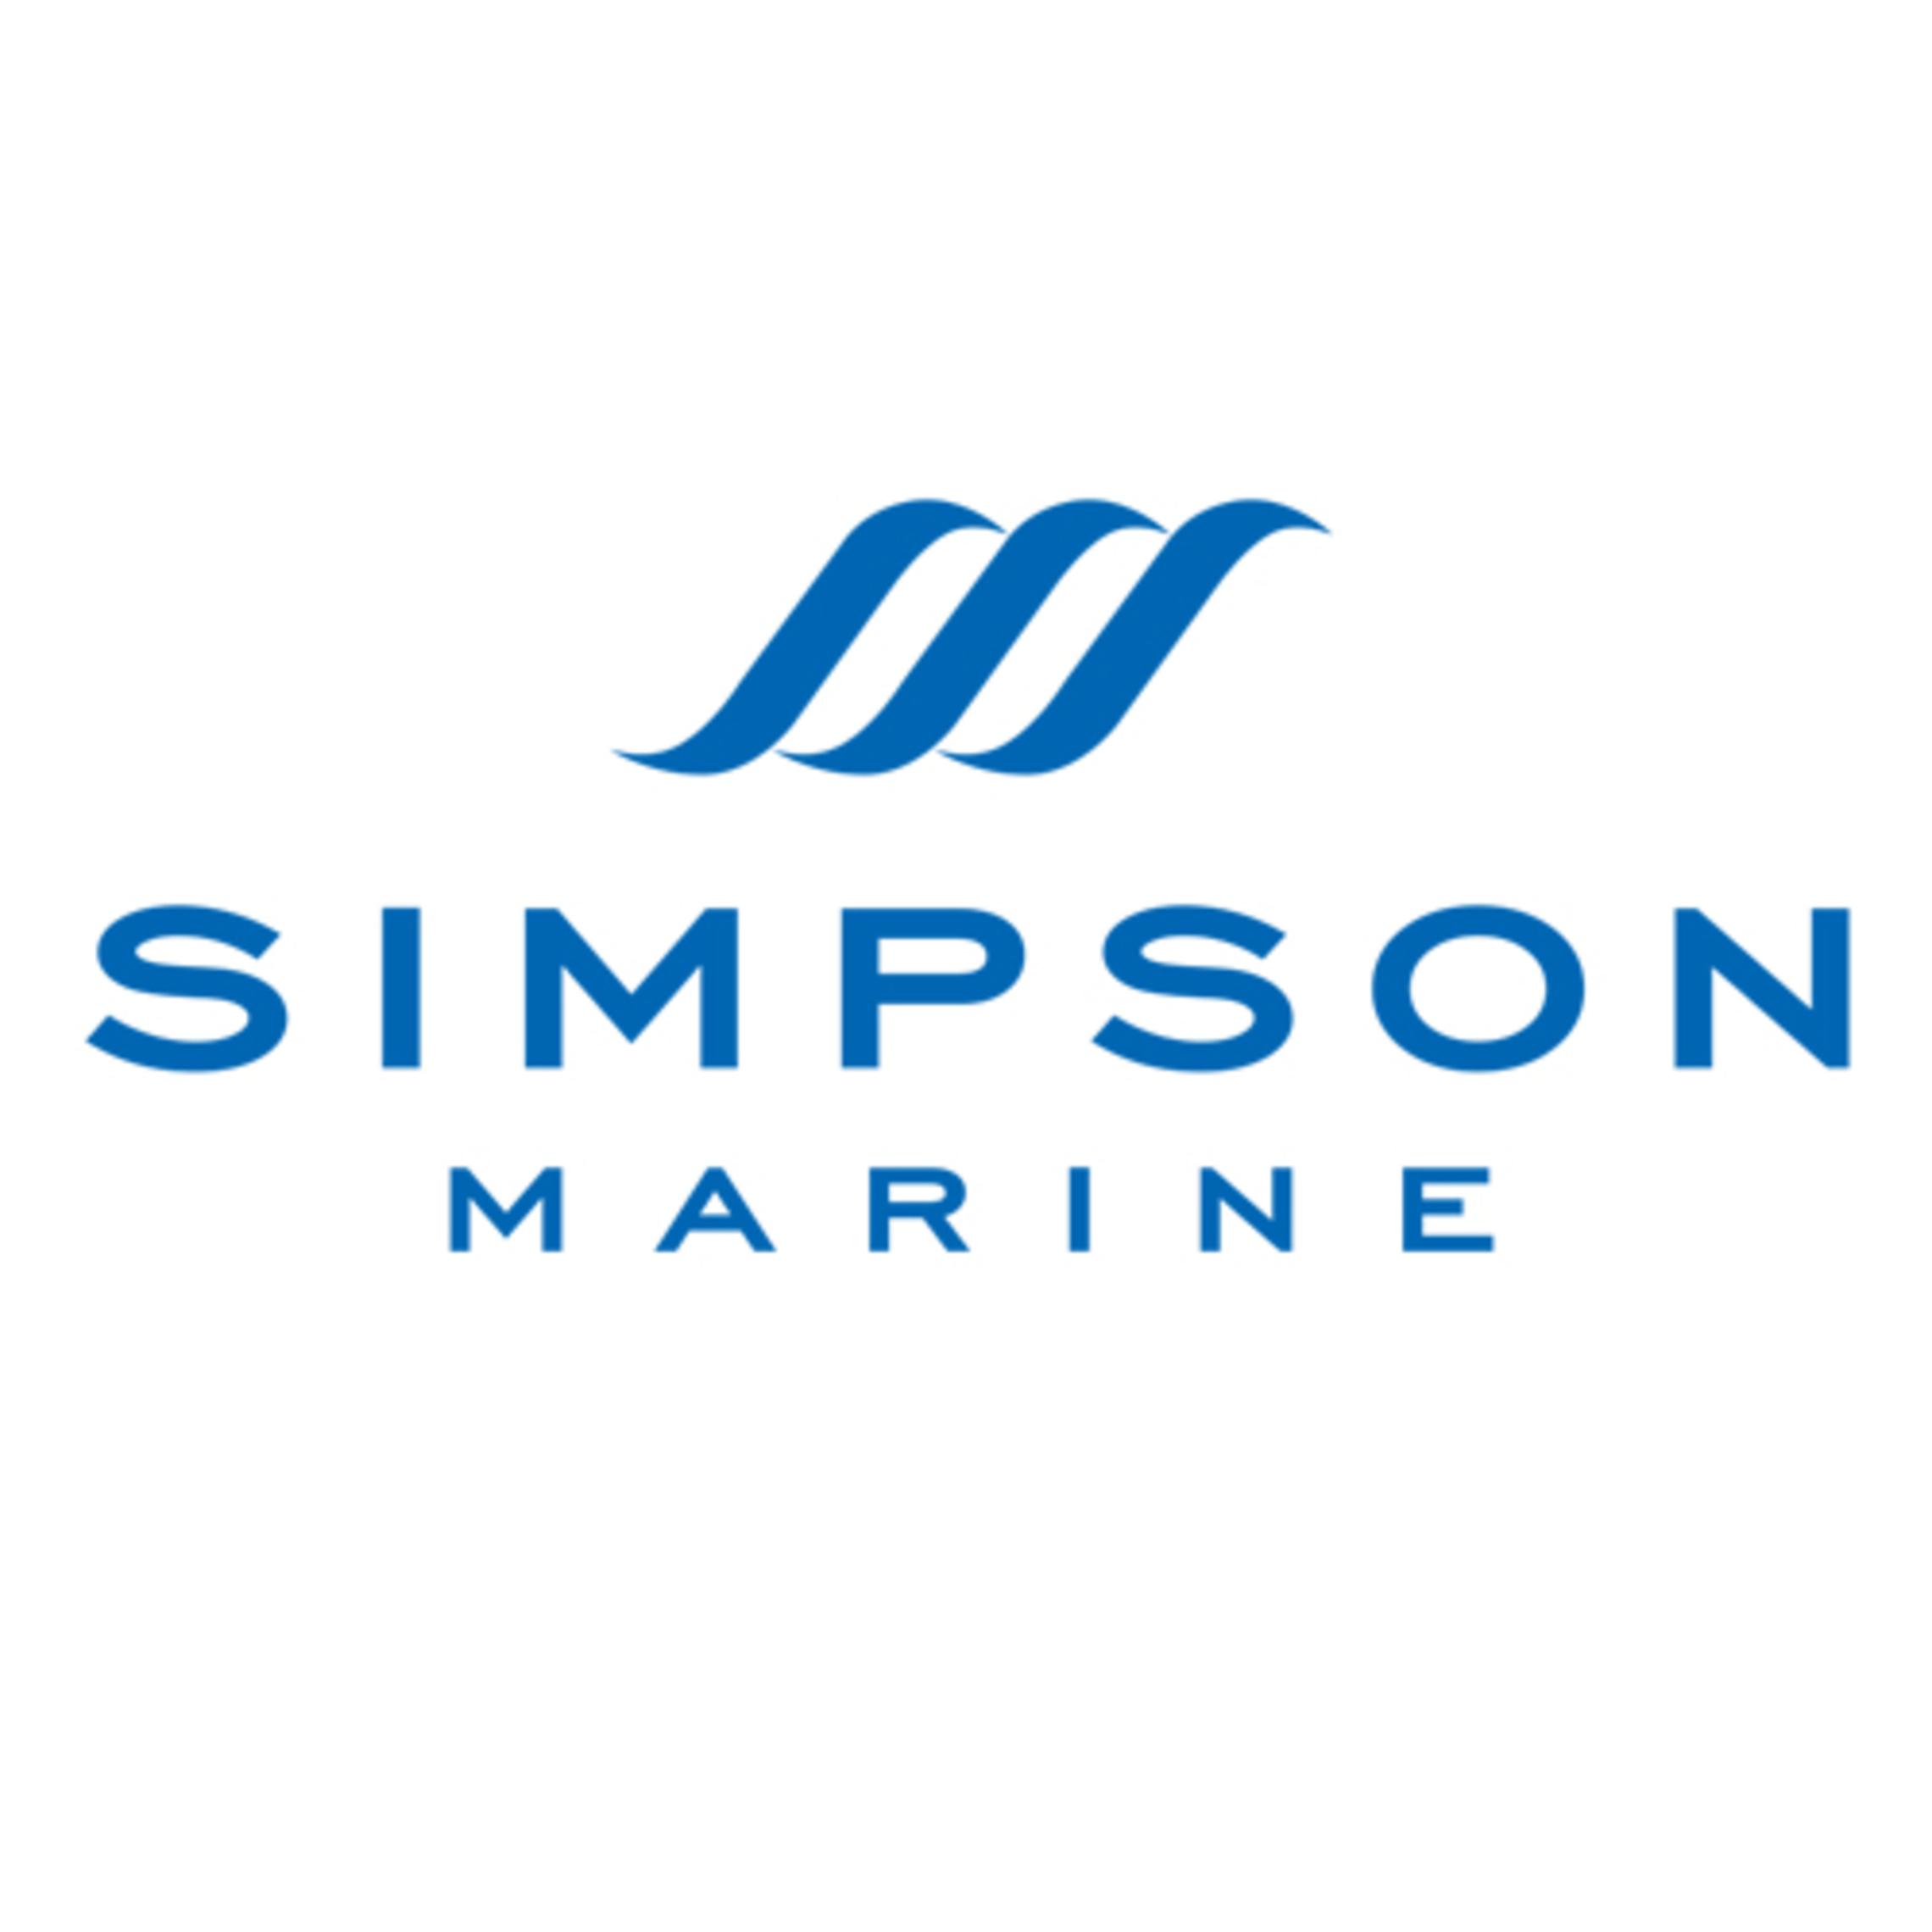 simpson marine- company logo